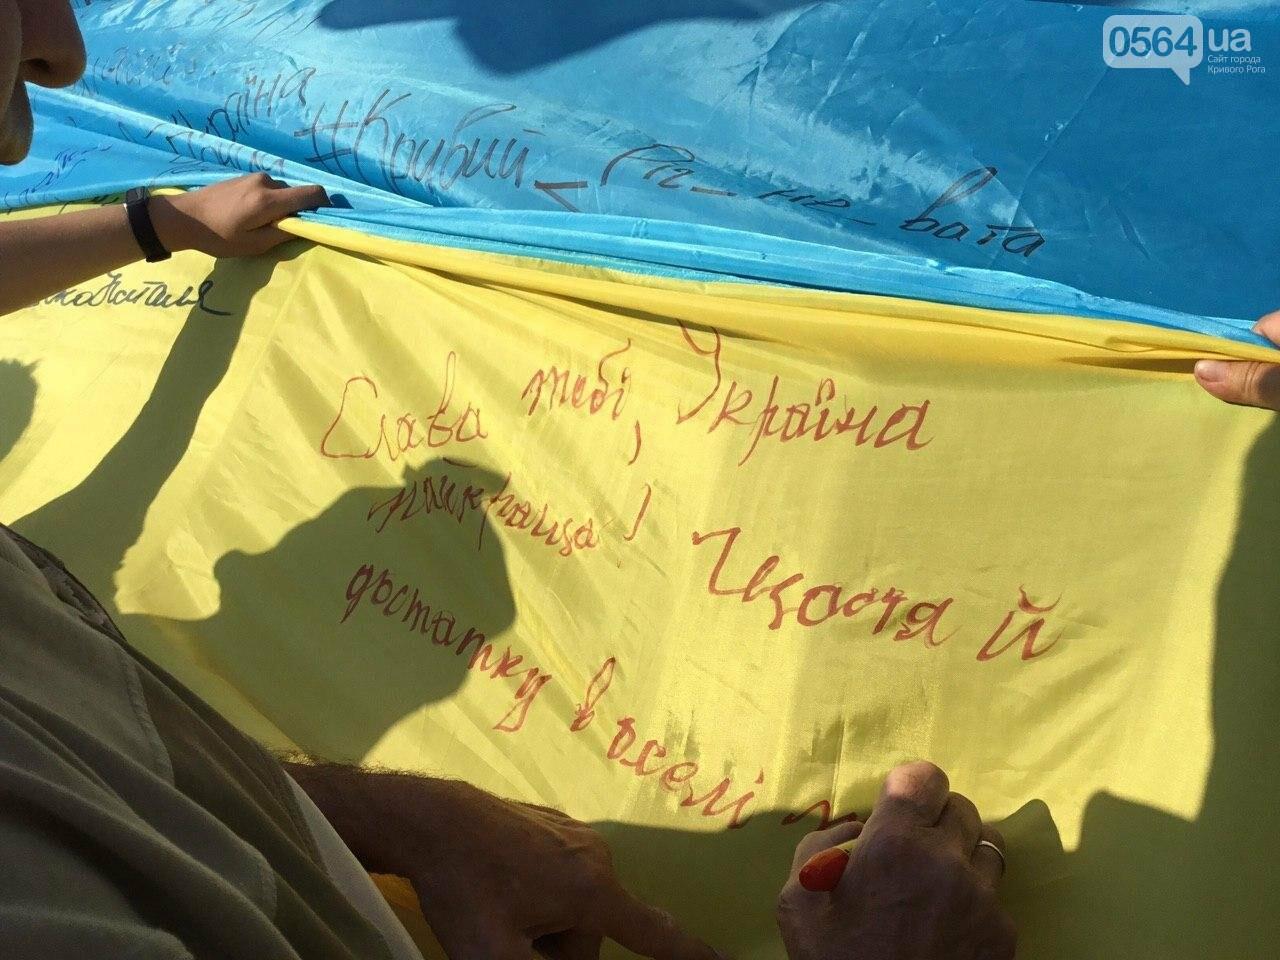 """""""Українці - брати, Разом ми - сила!"""", - какие пожелания и призывы написали криворожане на Знамени Единства, - ФОТО, ВИДЕО, фото-52"""